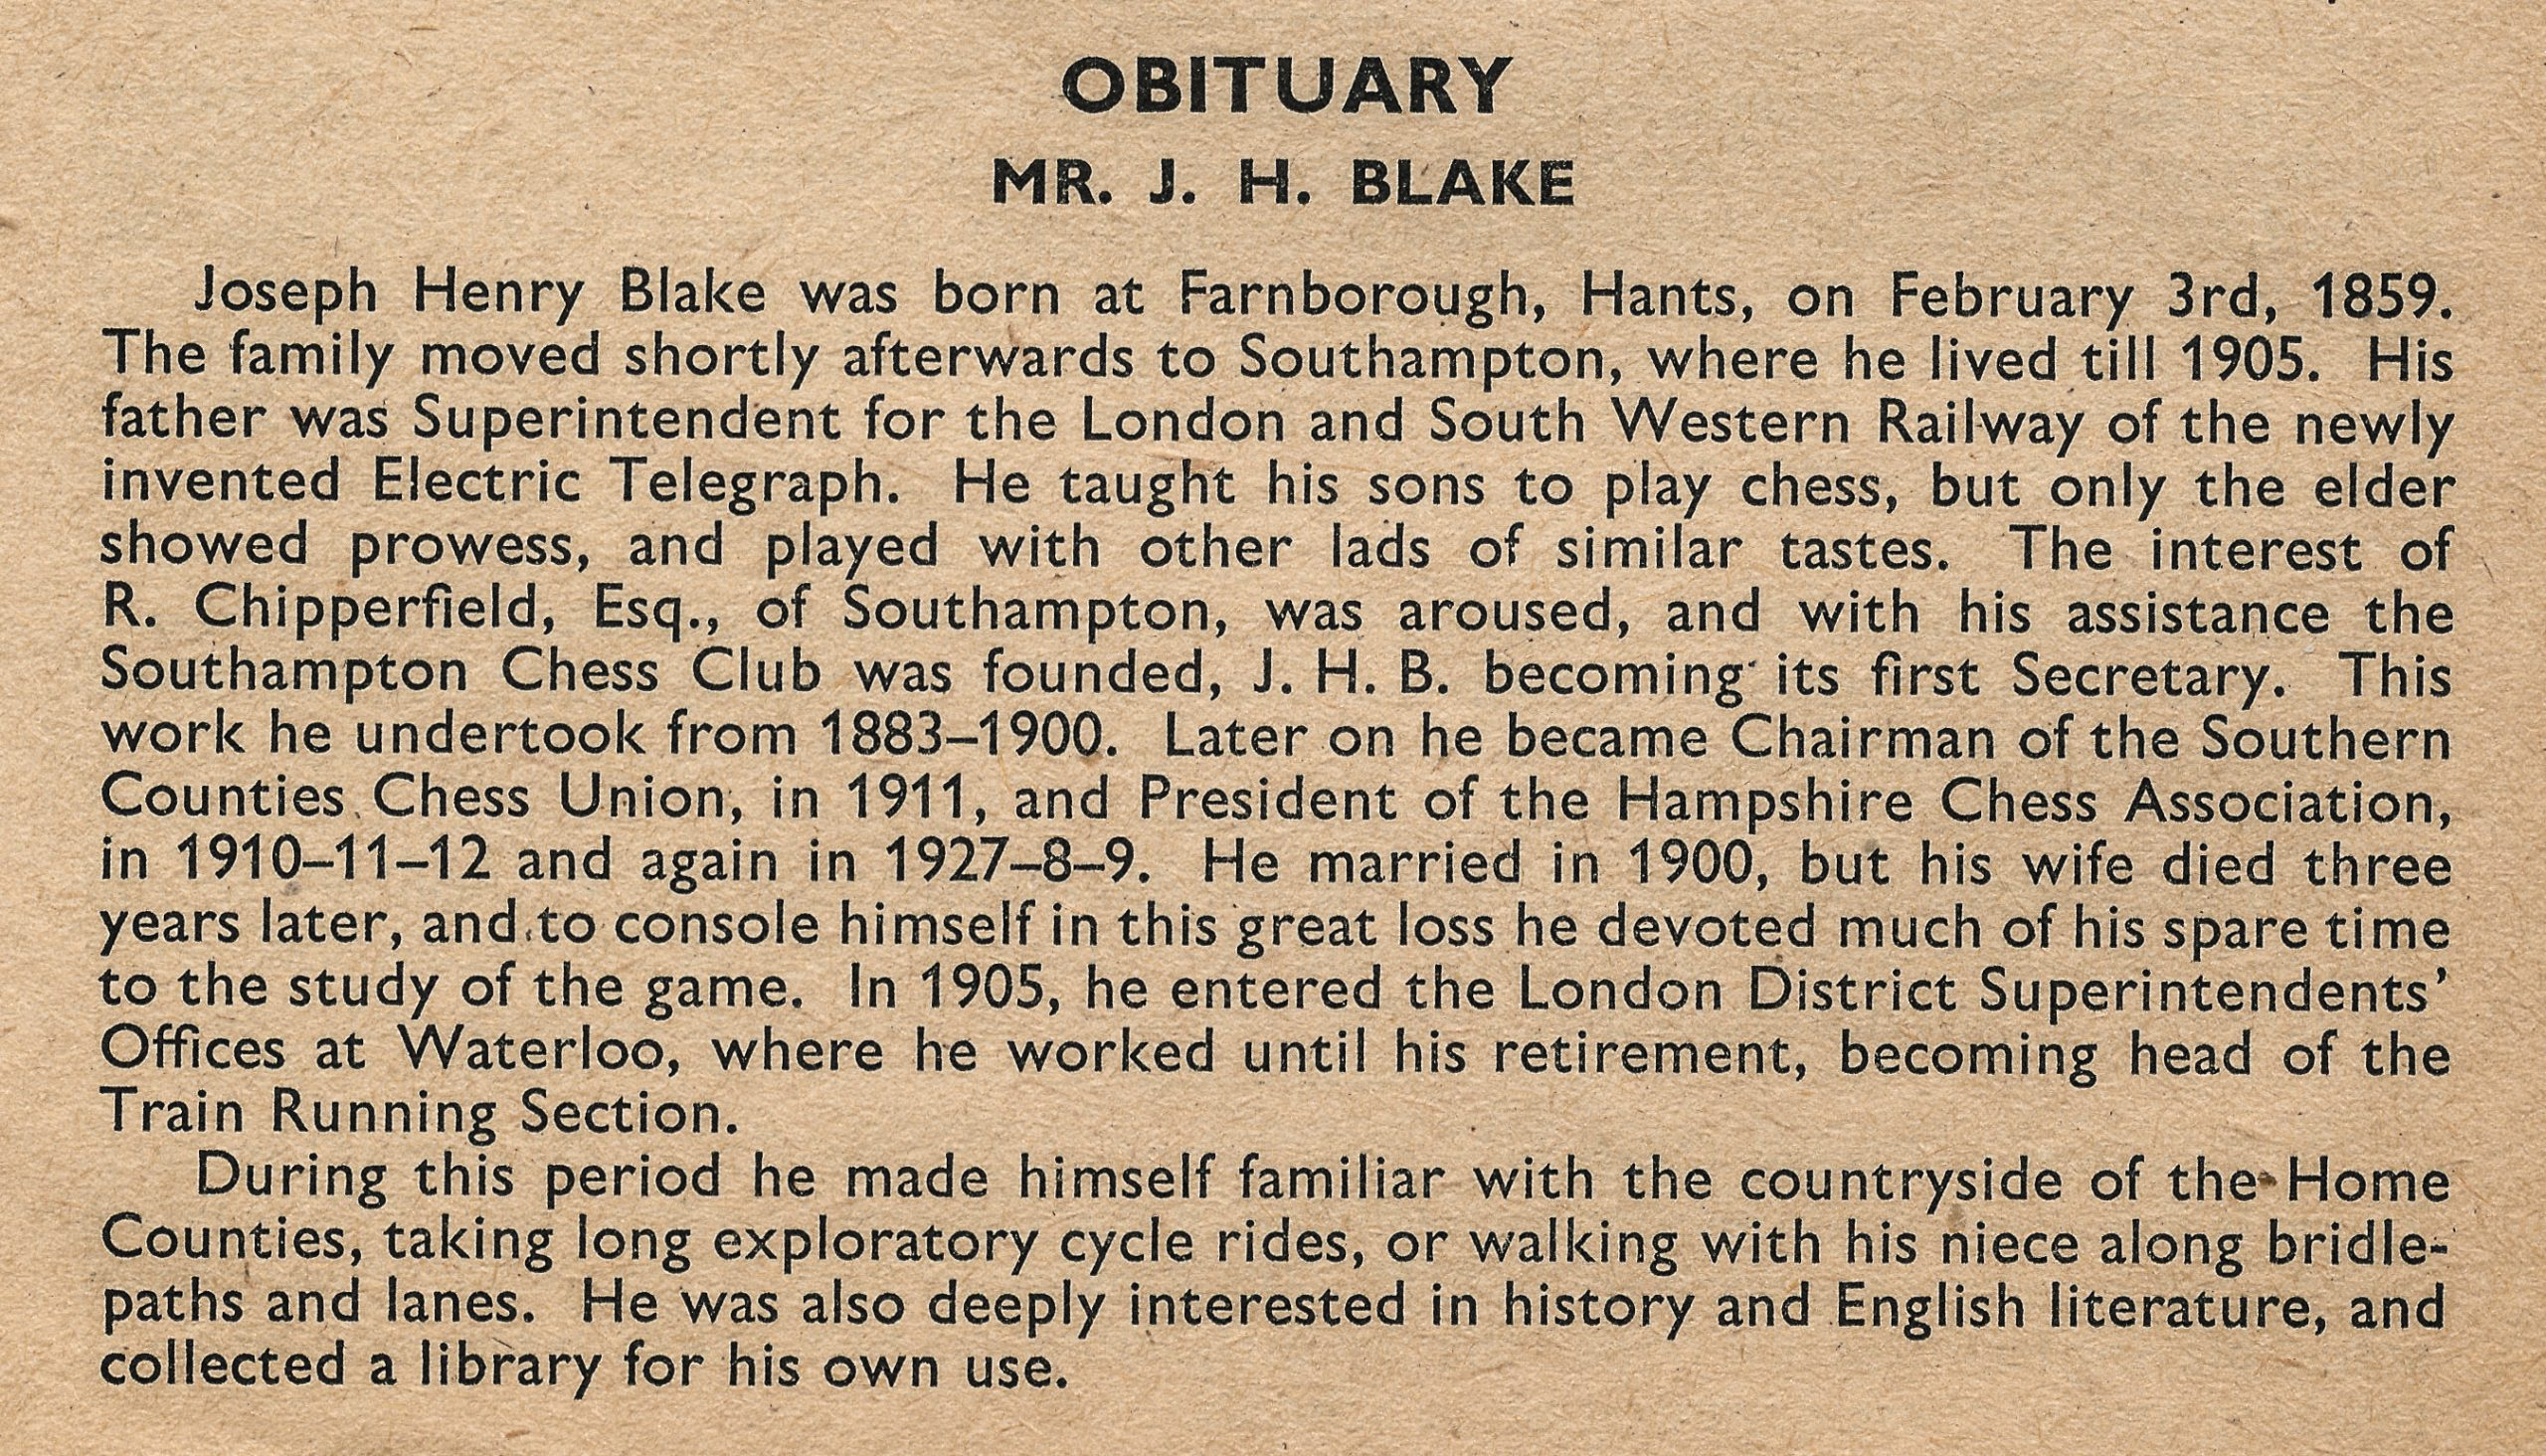 British Chess Magazine, Volume LXXII (72, 1952), Number 2 (February) pp. 44 - 46